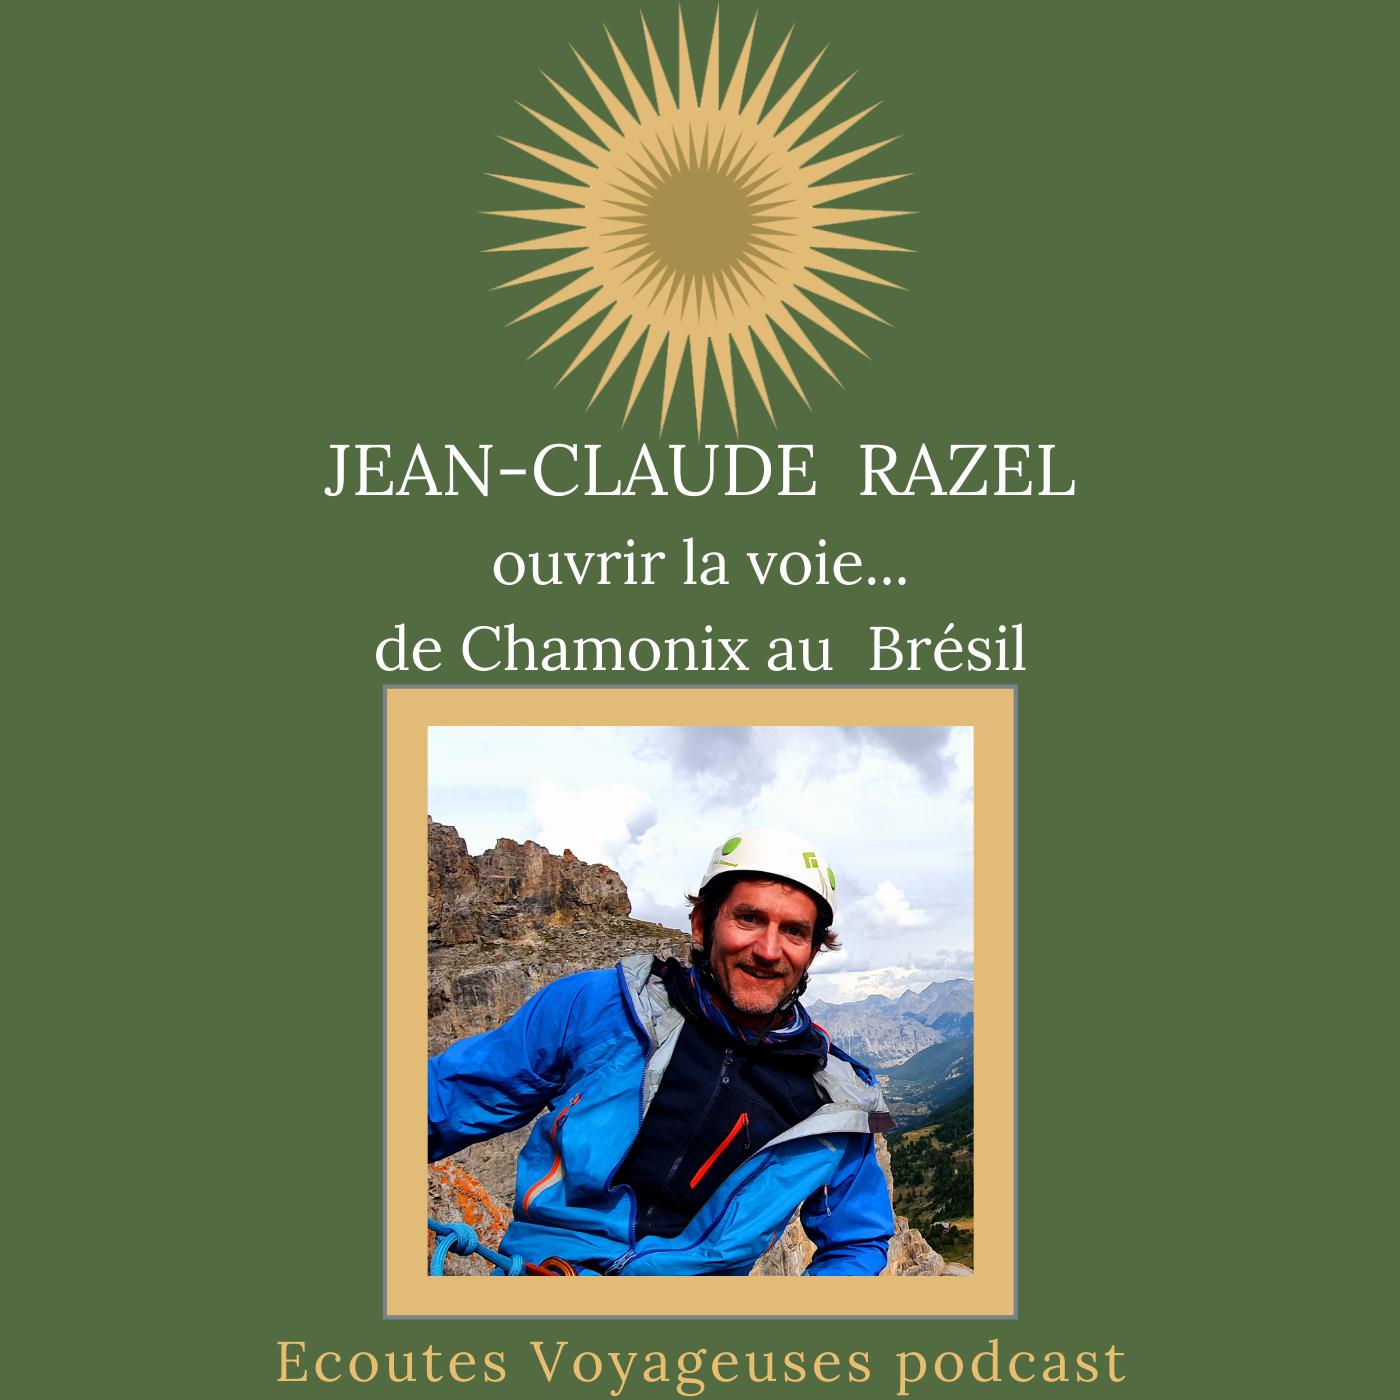 Jean-Claude Razel, ouvrir la voie...de Chamonix au Brésil